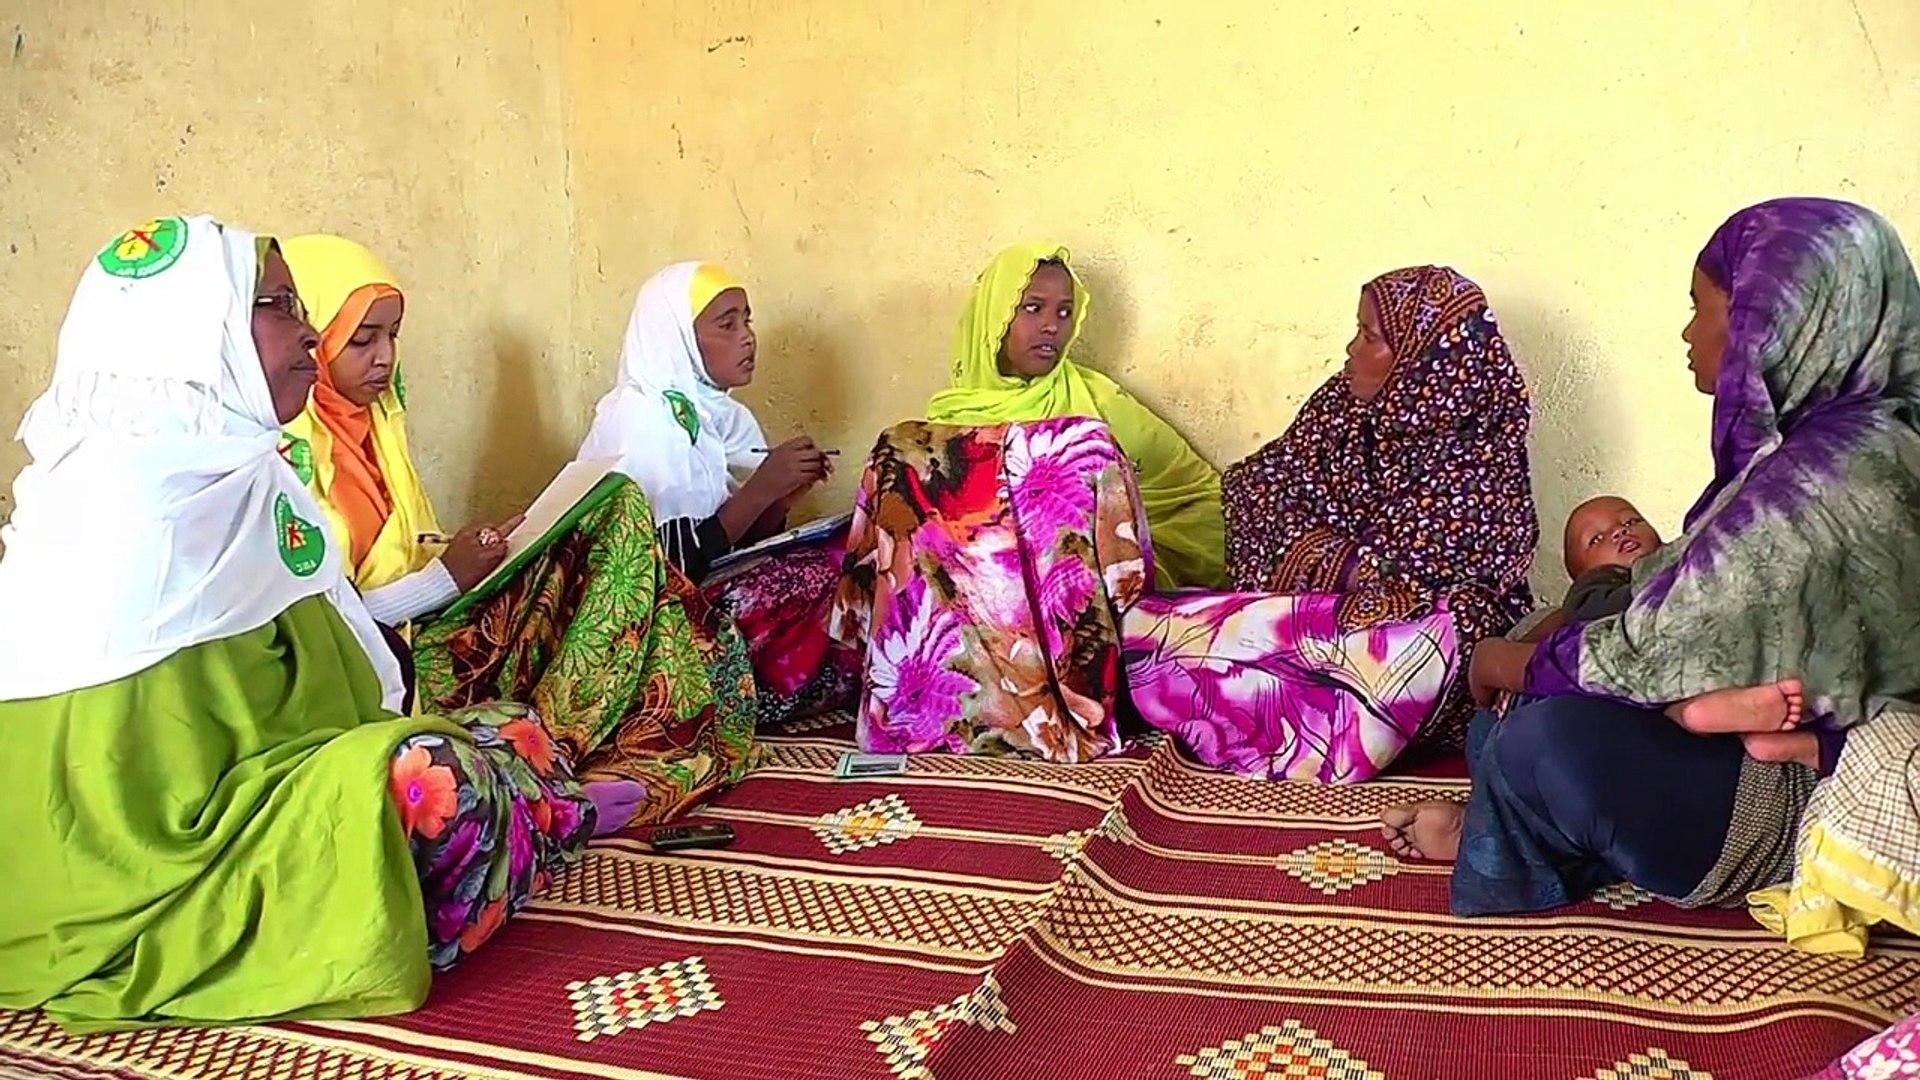 Aumenta el rechazo a la mutilación genital en Somalia